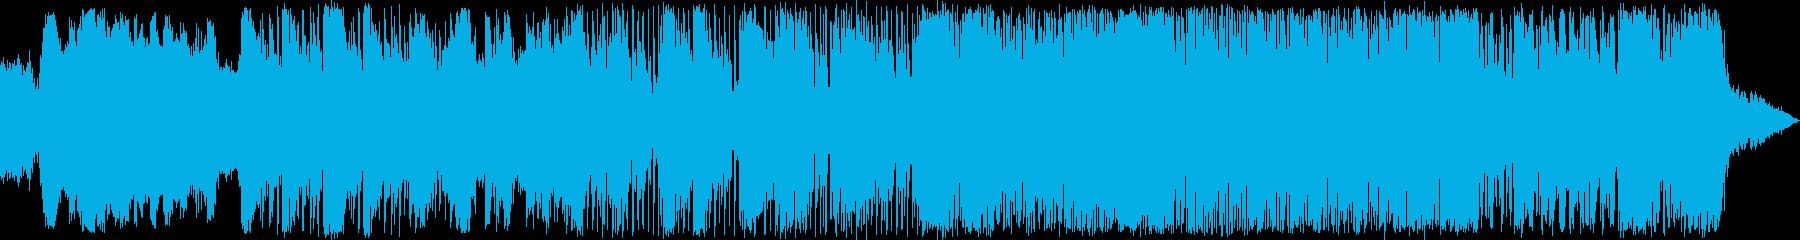 パワフルでムーディーなアートロック...の再生済みの波形